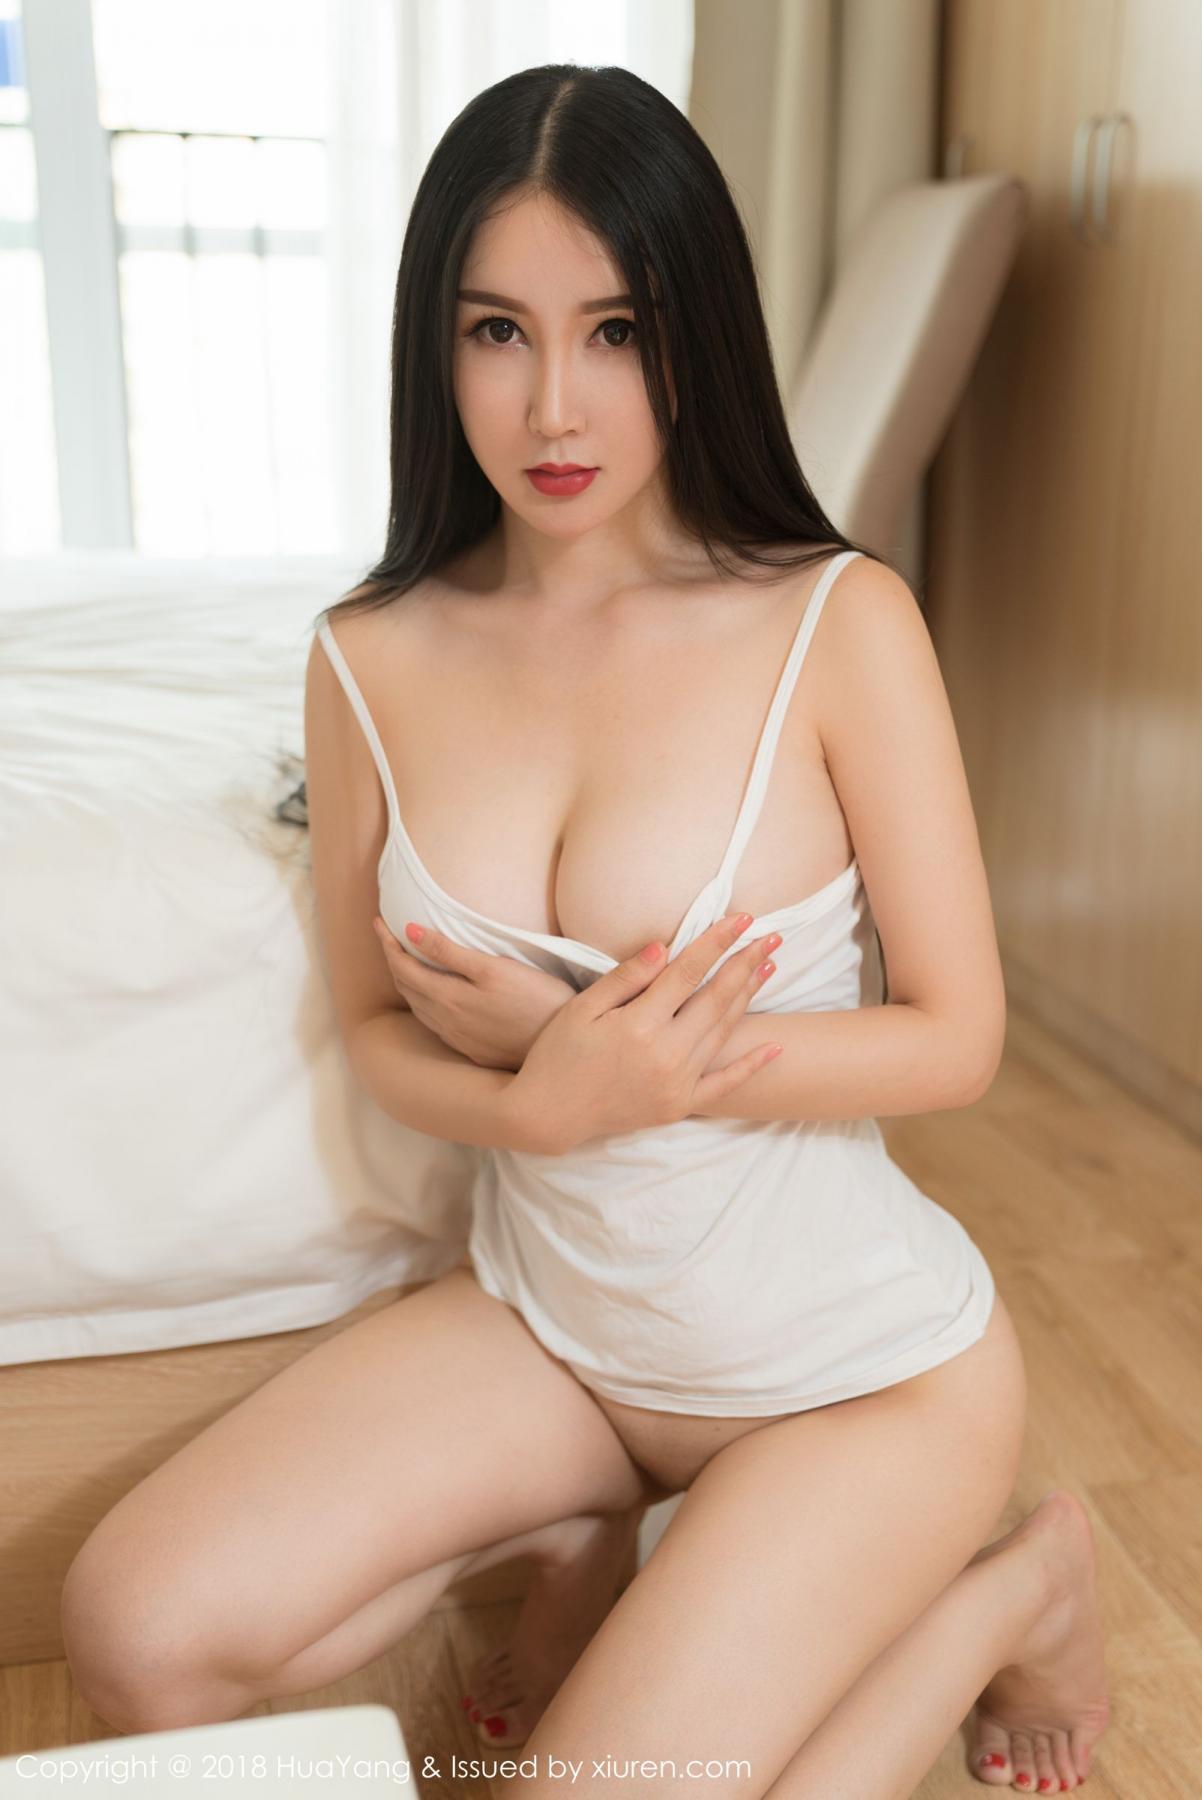 [Huayang] Vol.100 Ke Le Vicky 14P, Huang Le Ran, HuaYang